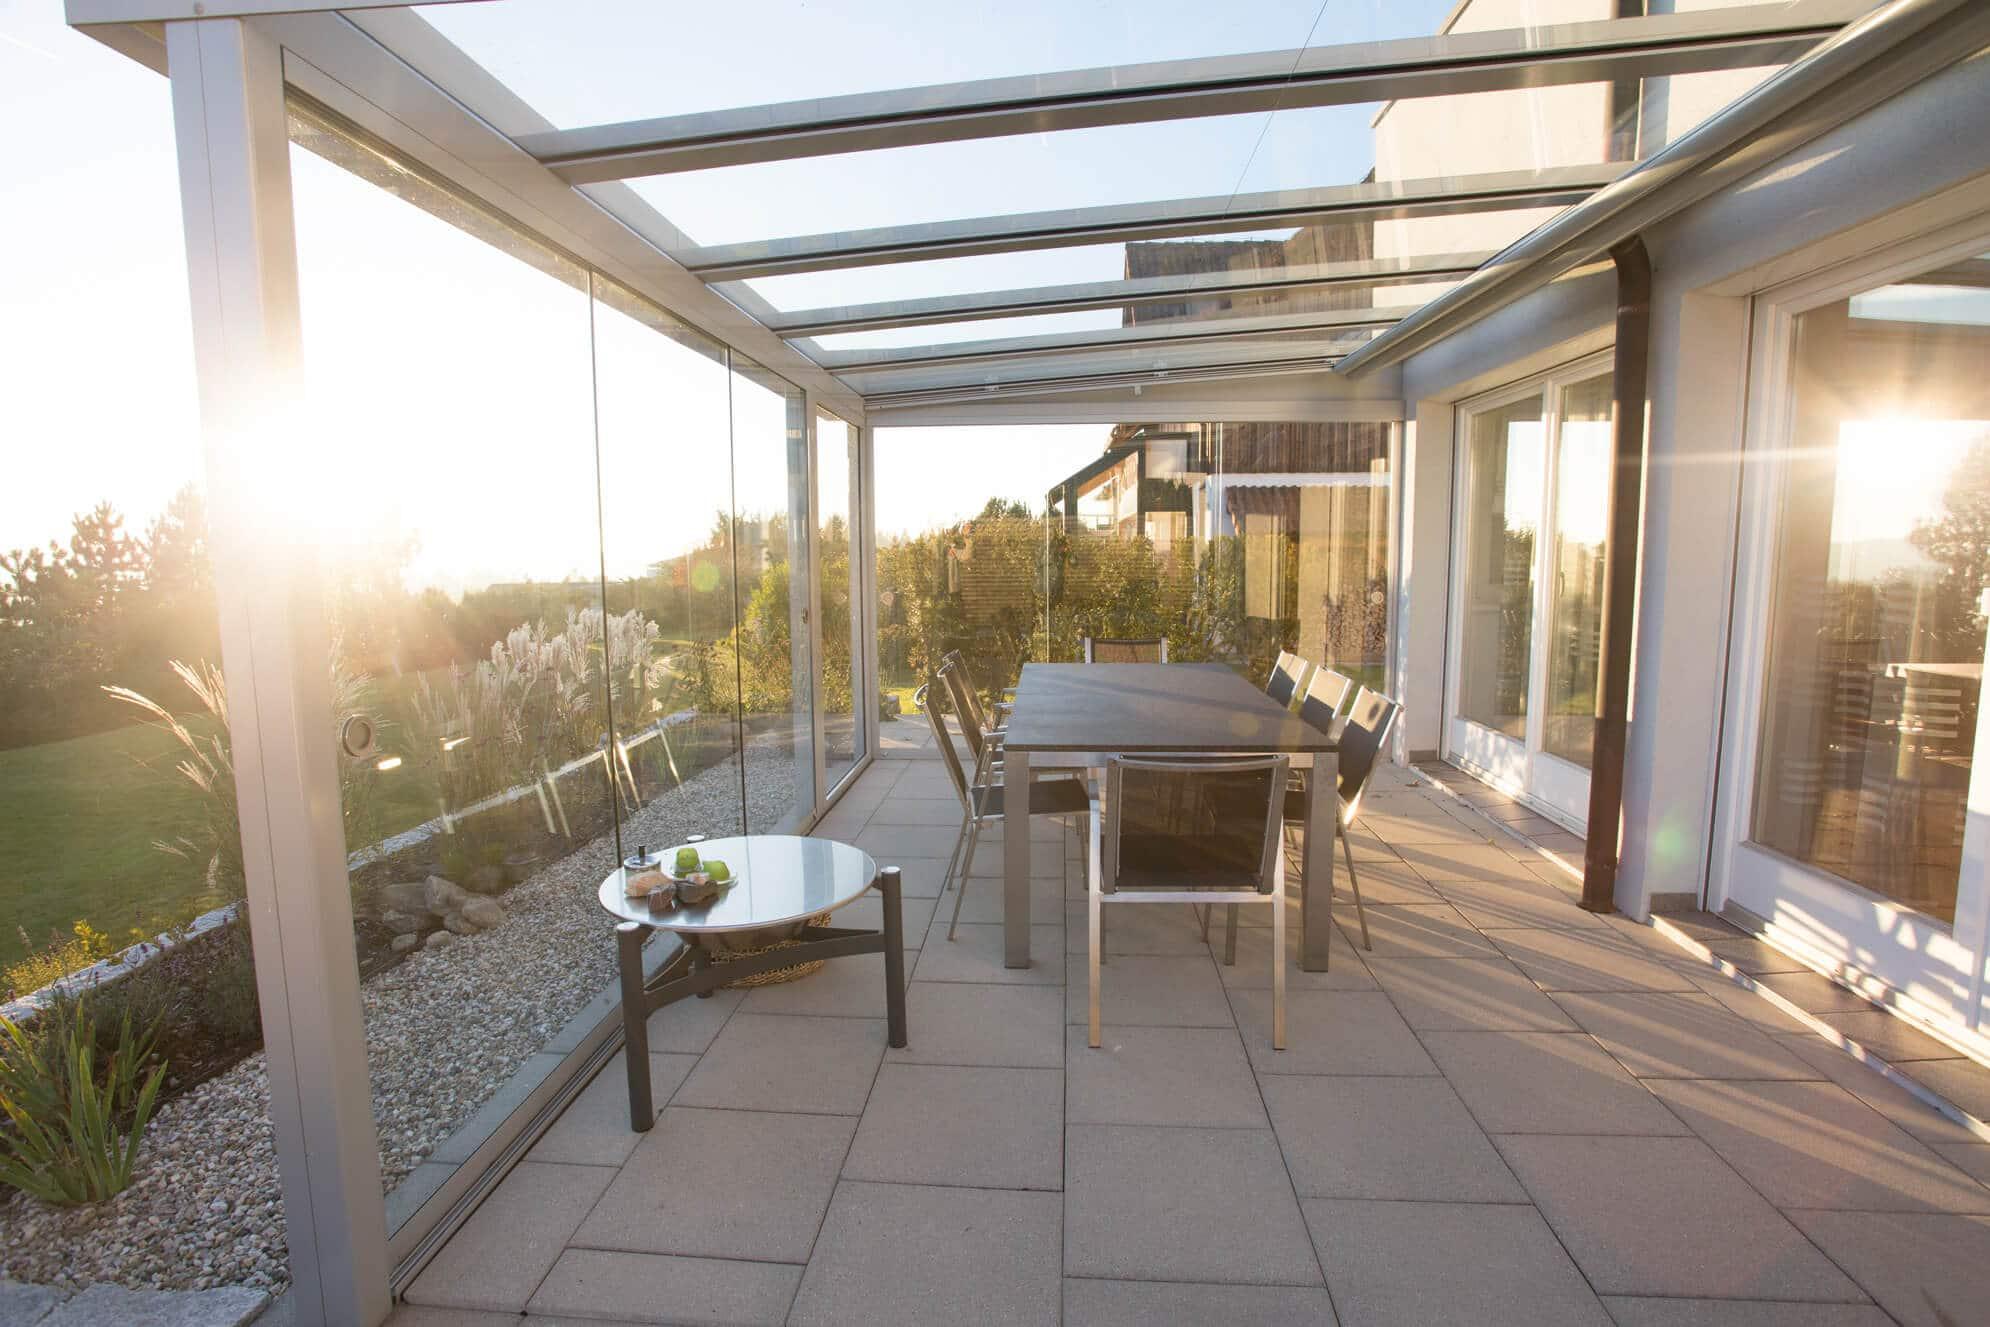 Wetterschutz für Terrassenüberdachung